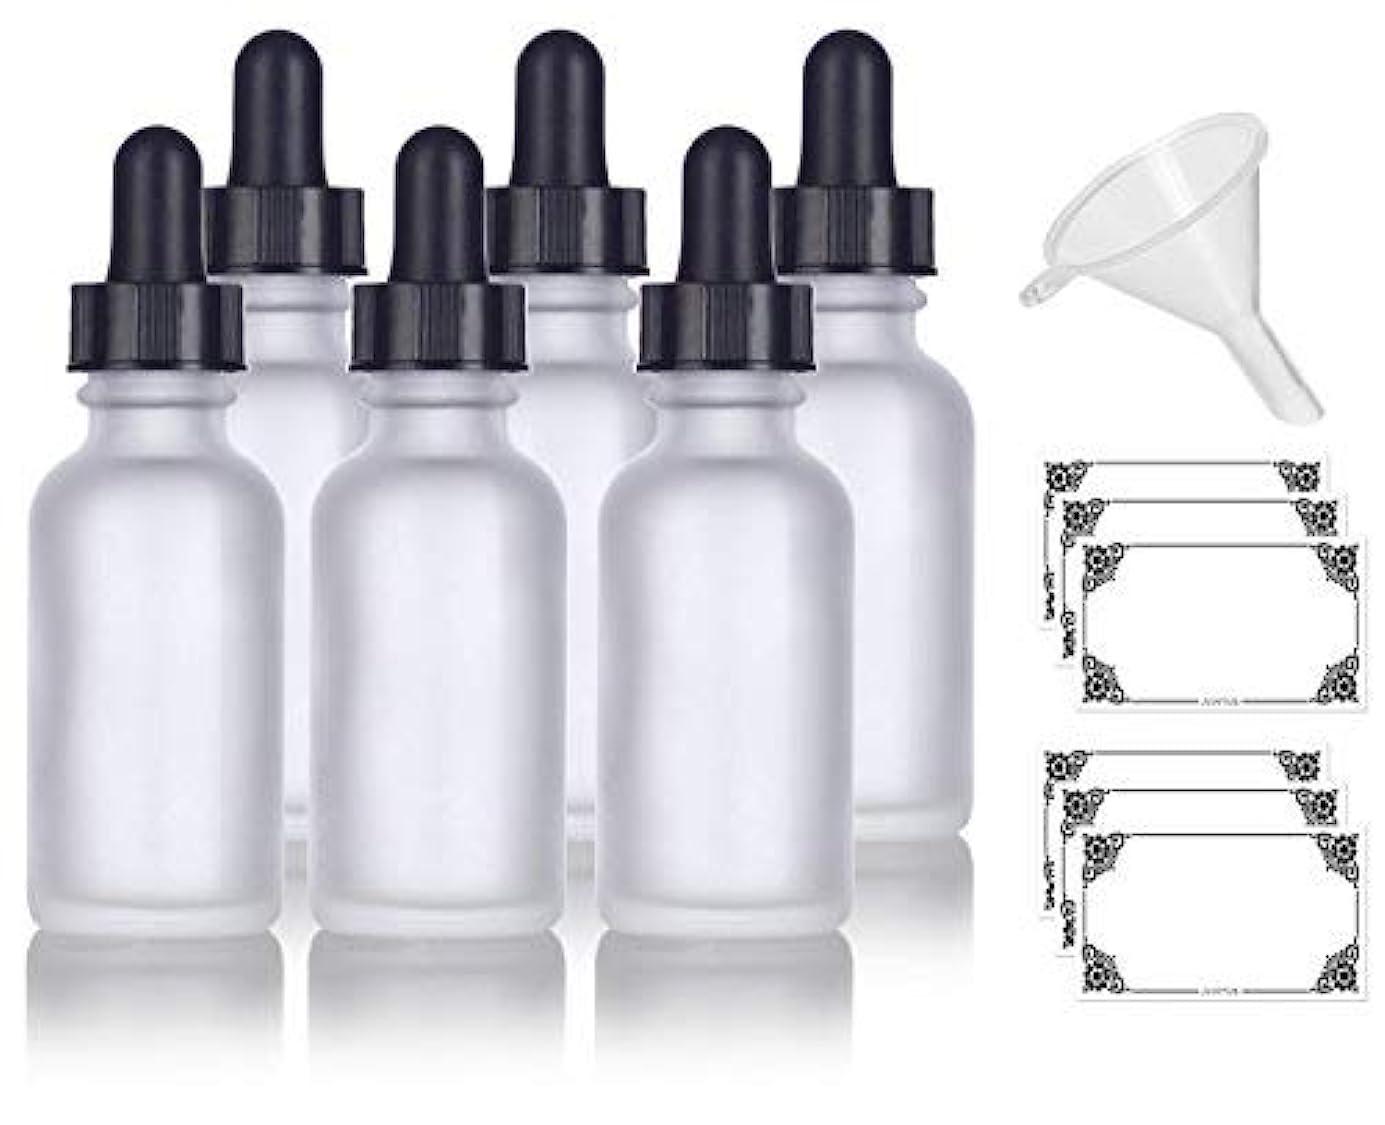 トリップ会計士極めて重要な1 oz Frosted Clear Glass Boston Round Dropper Bottle (6 pack) + Funnel and Labels for cosmetics, serums, essential...